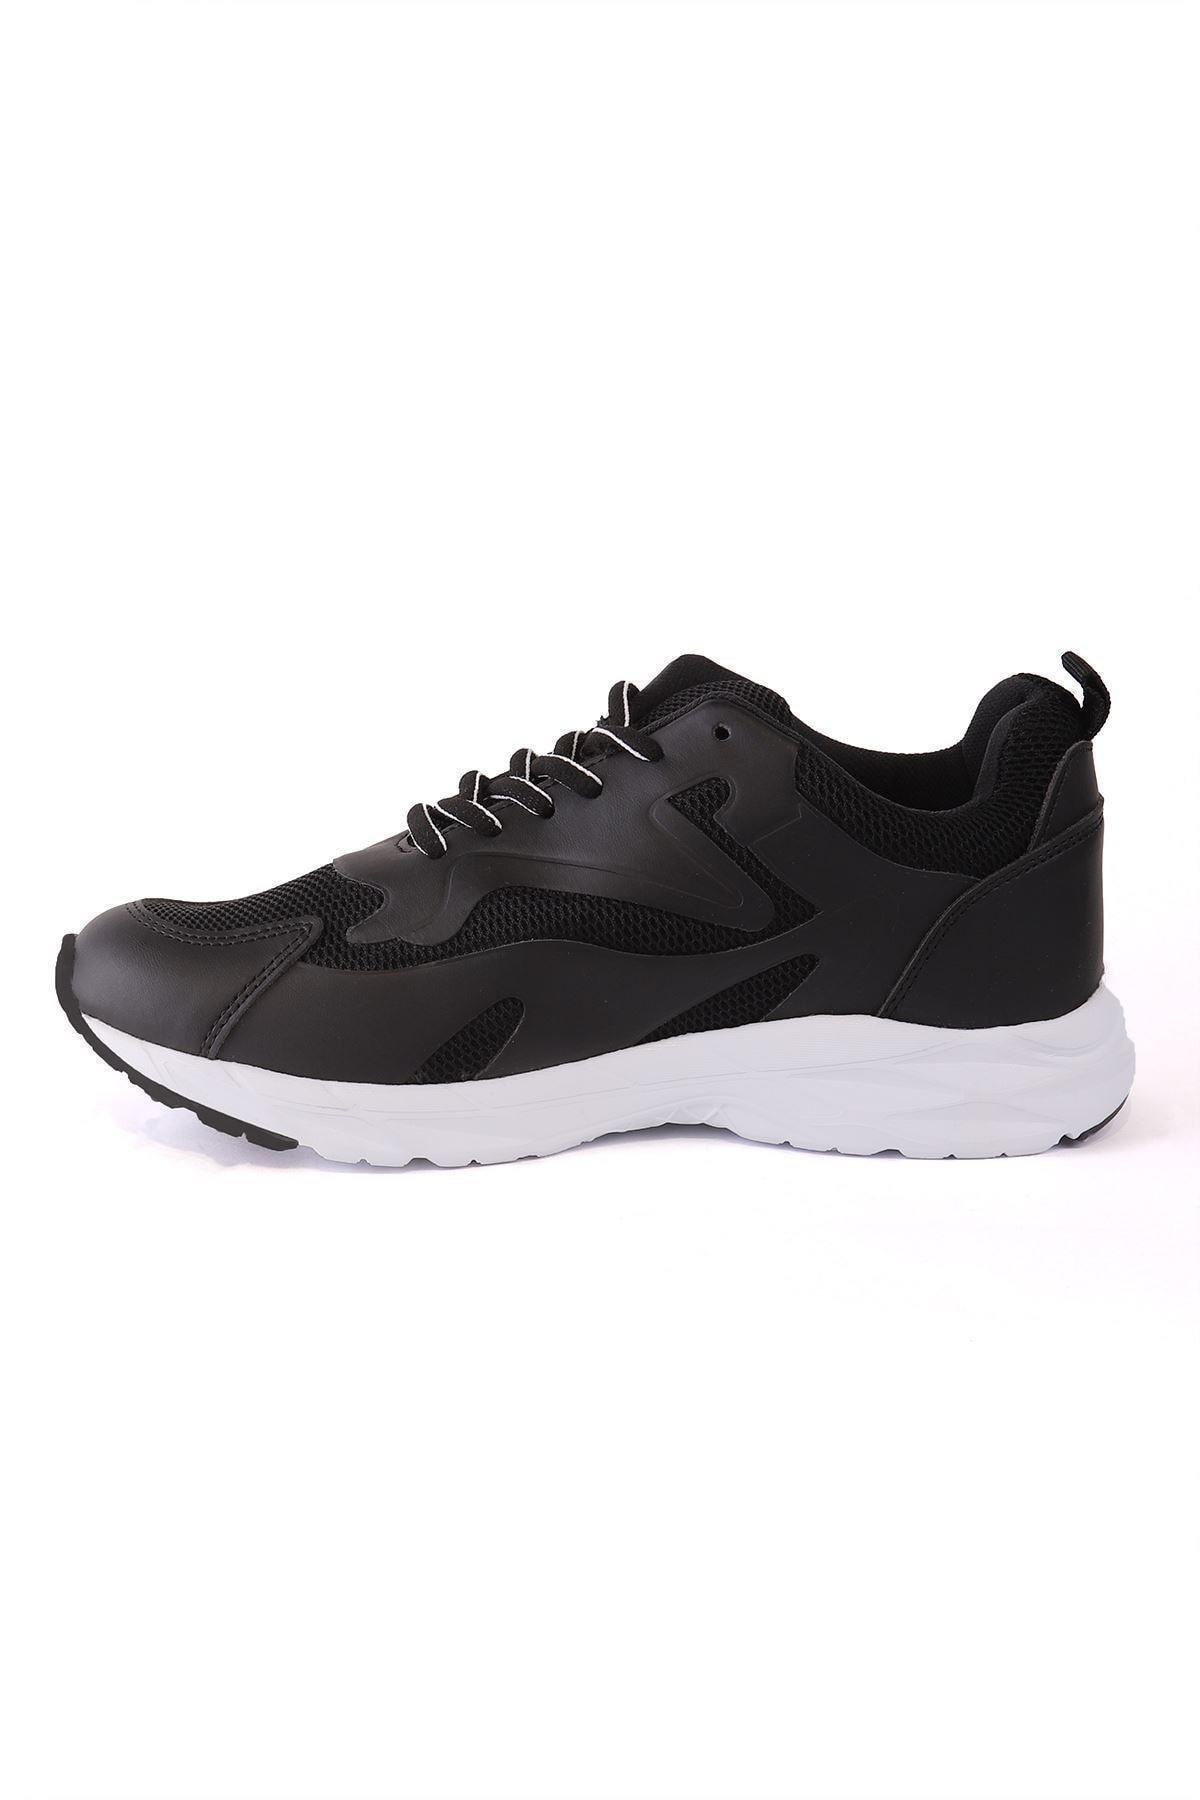 LETOON Kadın Casual Ayakkabı - WILMAZN 2